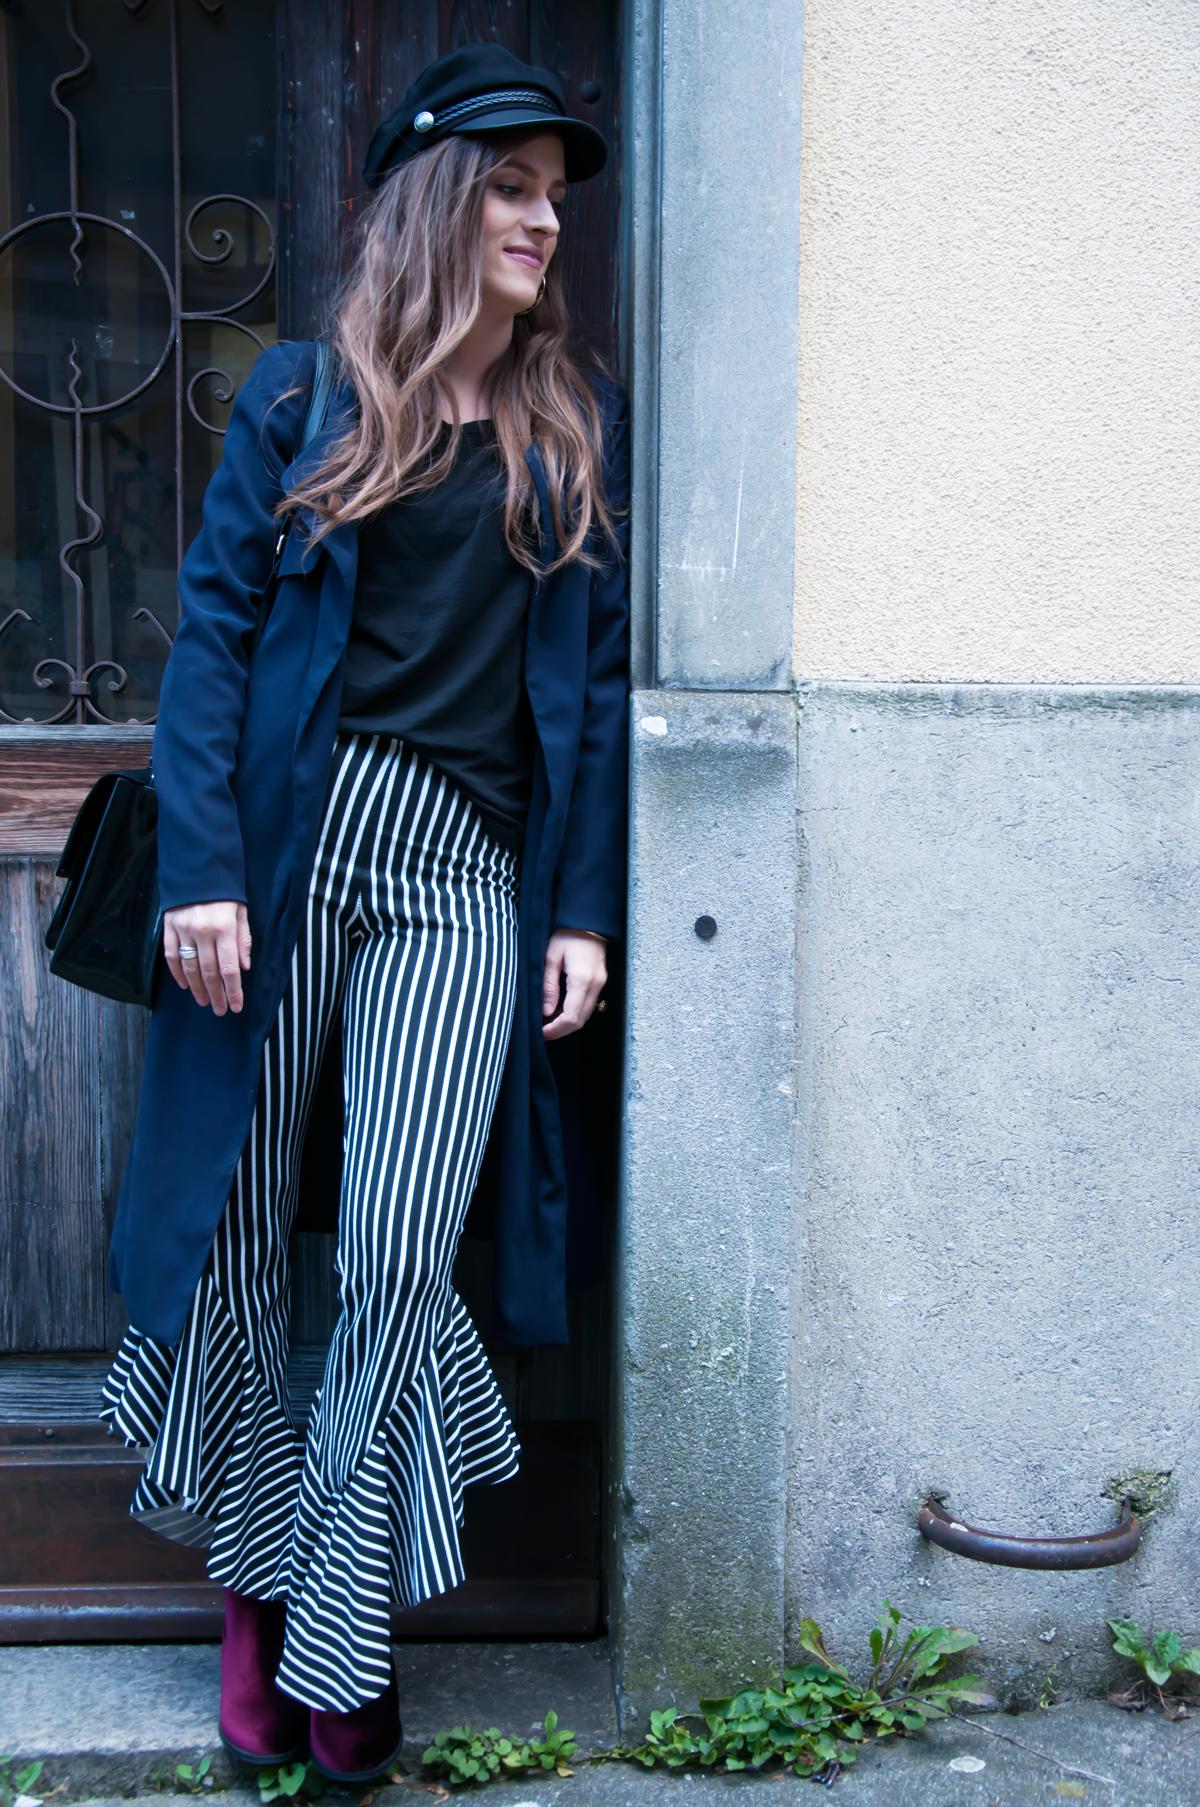 Andrea Steiner, Mobebloggerin von Strawberries 'n' Champagne trägt passend zum Herbst eine Schiffermütze, dazu gestreifte Rüschenhosen, ein Shirt und ein langer Mantel.